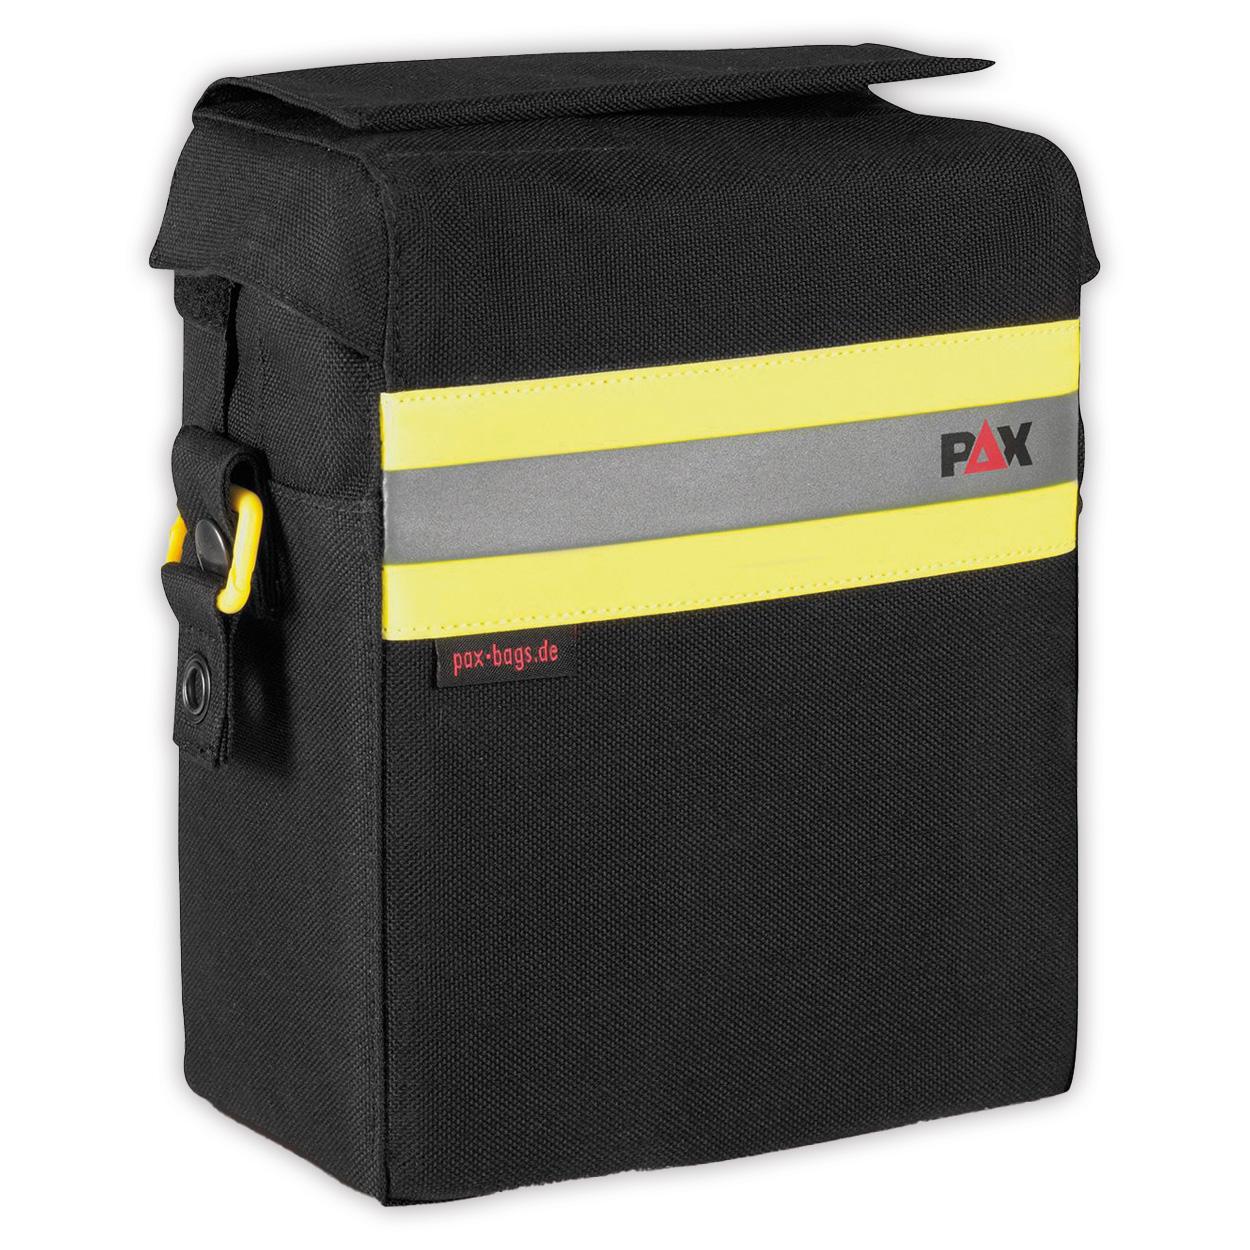 Brandfluchthaubenholster L firePAX - PAX-Dura in schwarz